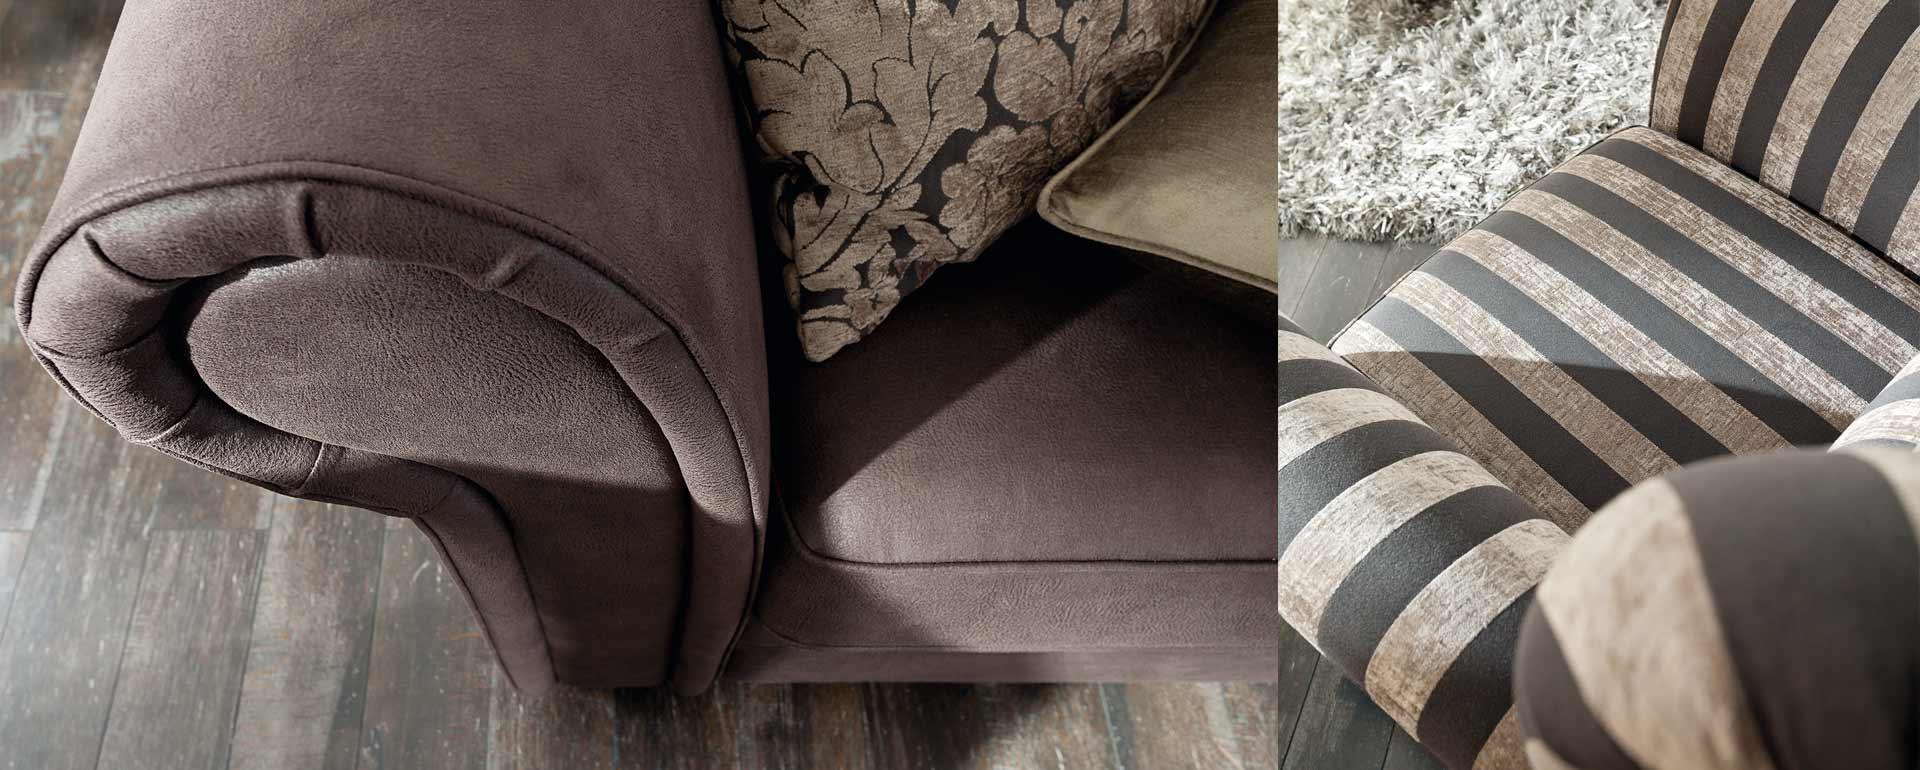 natura 9550 von natura einrichten in moormerland ot warsingsfehn nahe leer ostfriesland. Black Bedroom Furniture Sets. Home Design Ideas